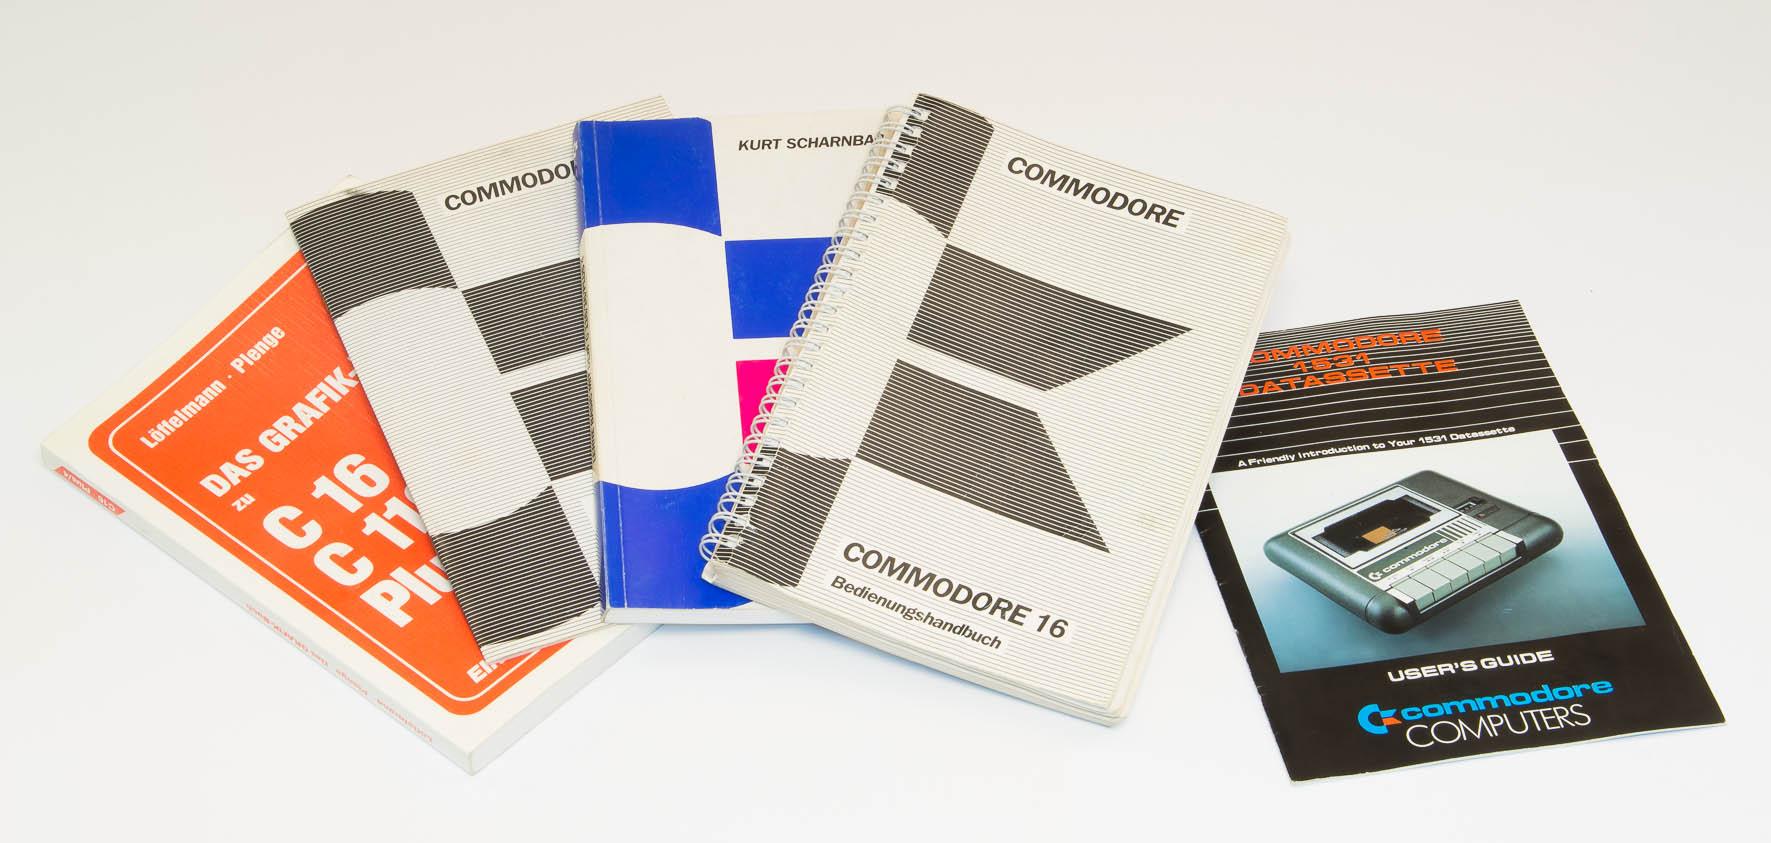 Das Original Benutzerhandbuch zum C16, sowie weitere C16-Literatur. (Bild: Claudio Lione)